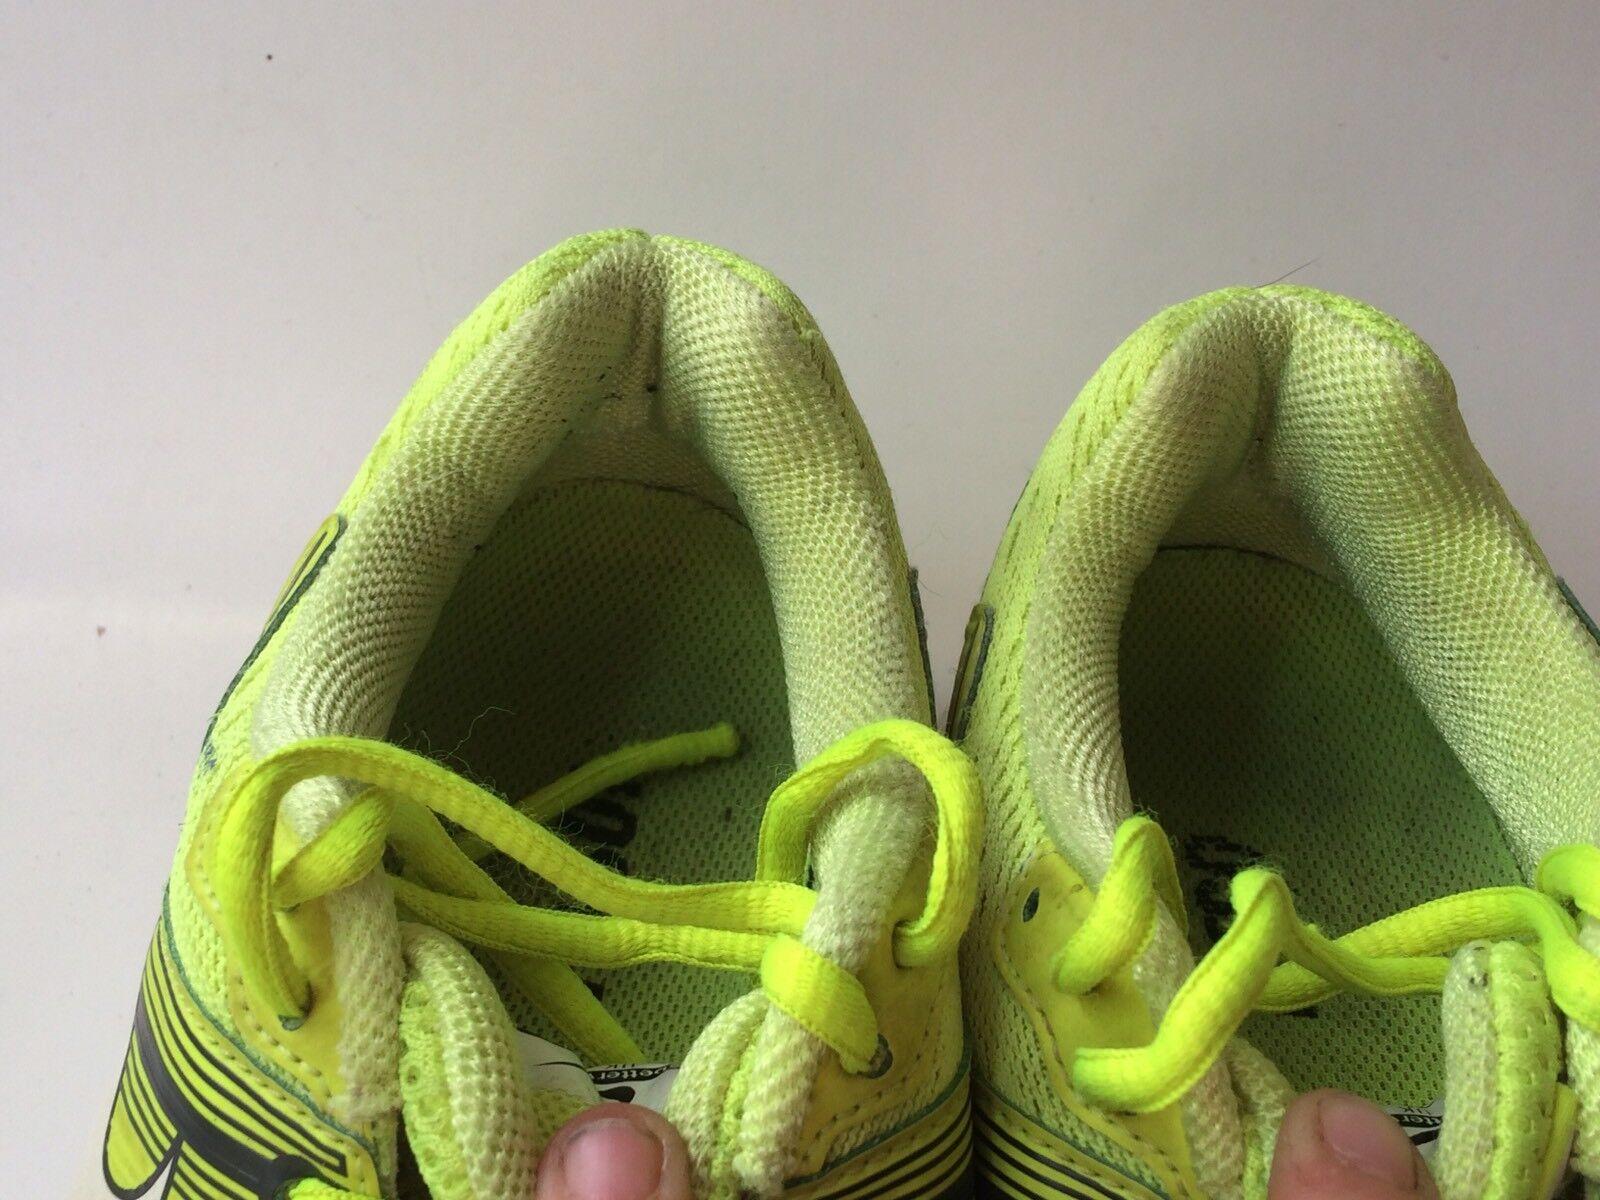 c2829f7f6e81 ... Womens Nike Air Huarache Run iD Black White SZ SZ SZ 6.5 ( 777331-994  ...